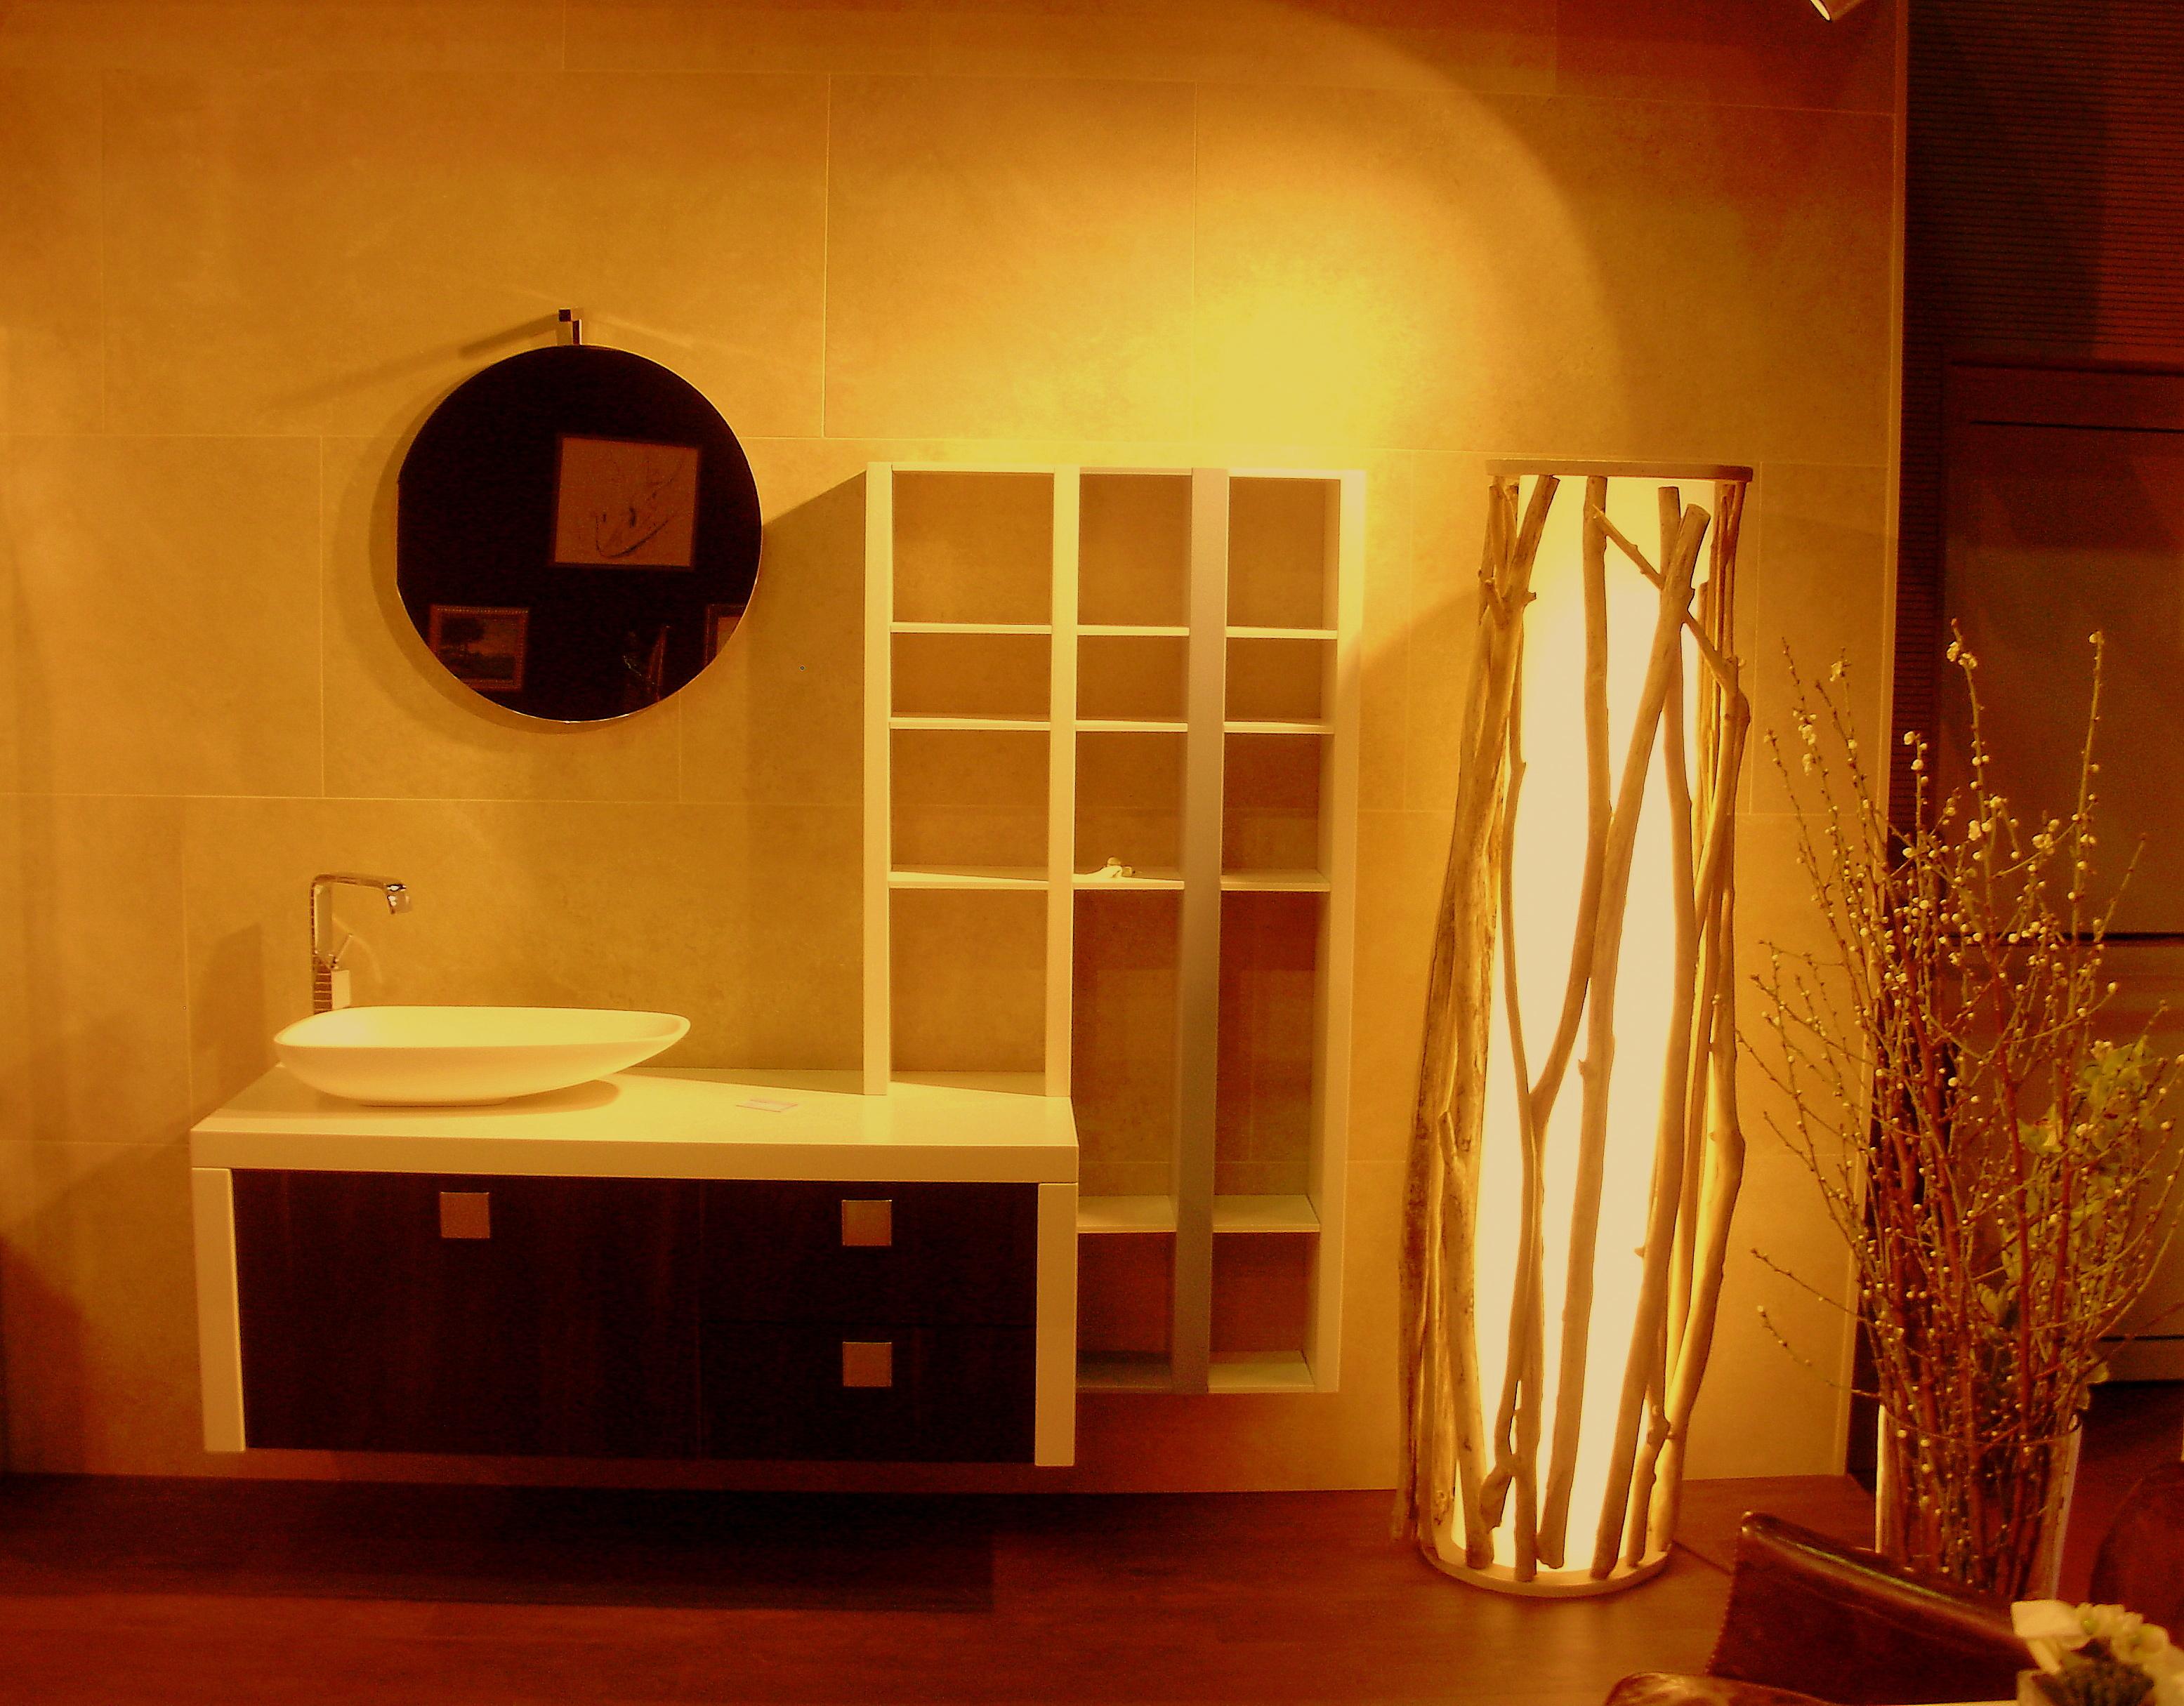 colonne lumineuse au clair de lune luminaires bucoliques et mobilier design naturel. Black Bedroom Furniture Sets. Home Design Ideas